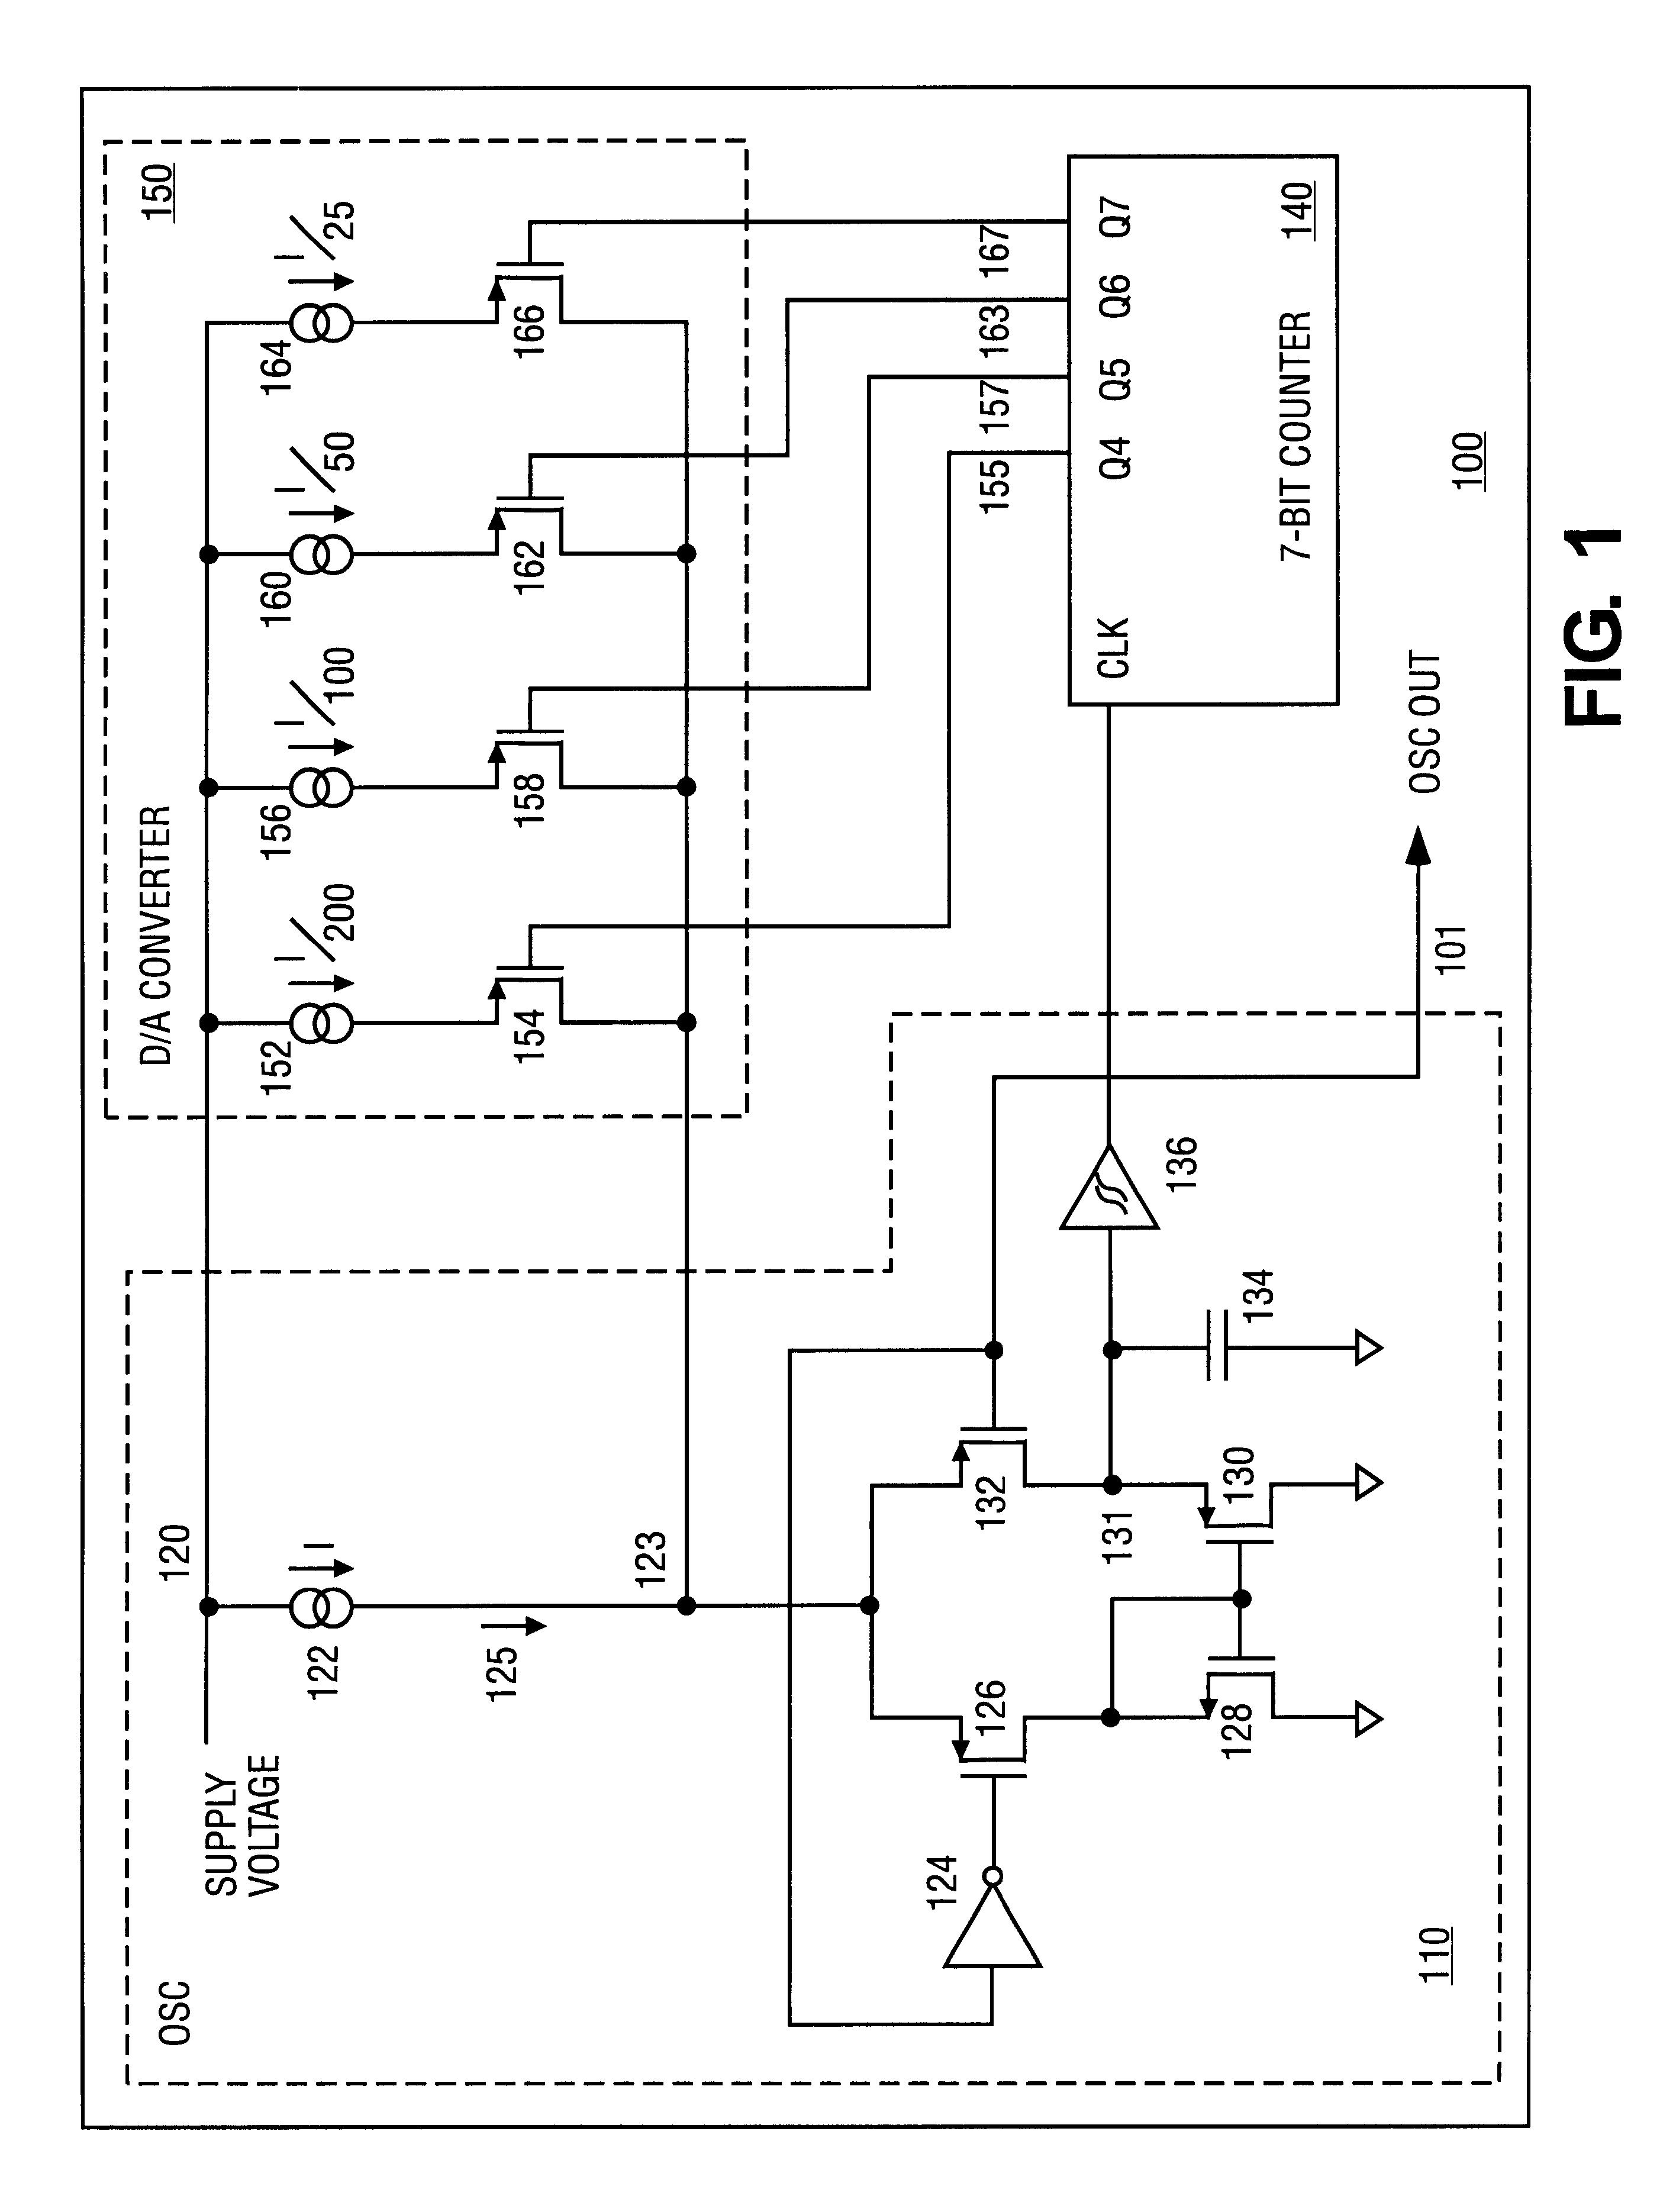 patent us6249876